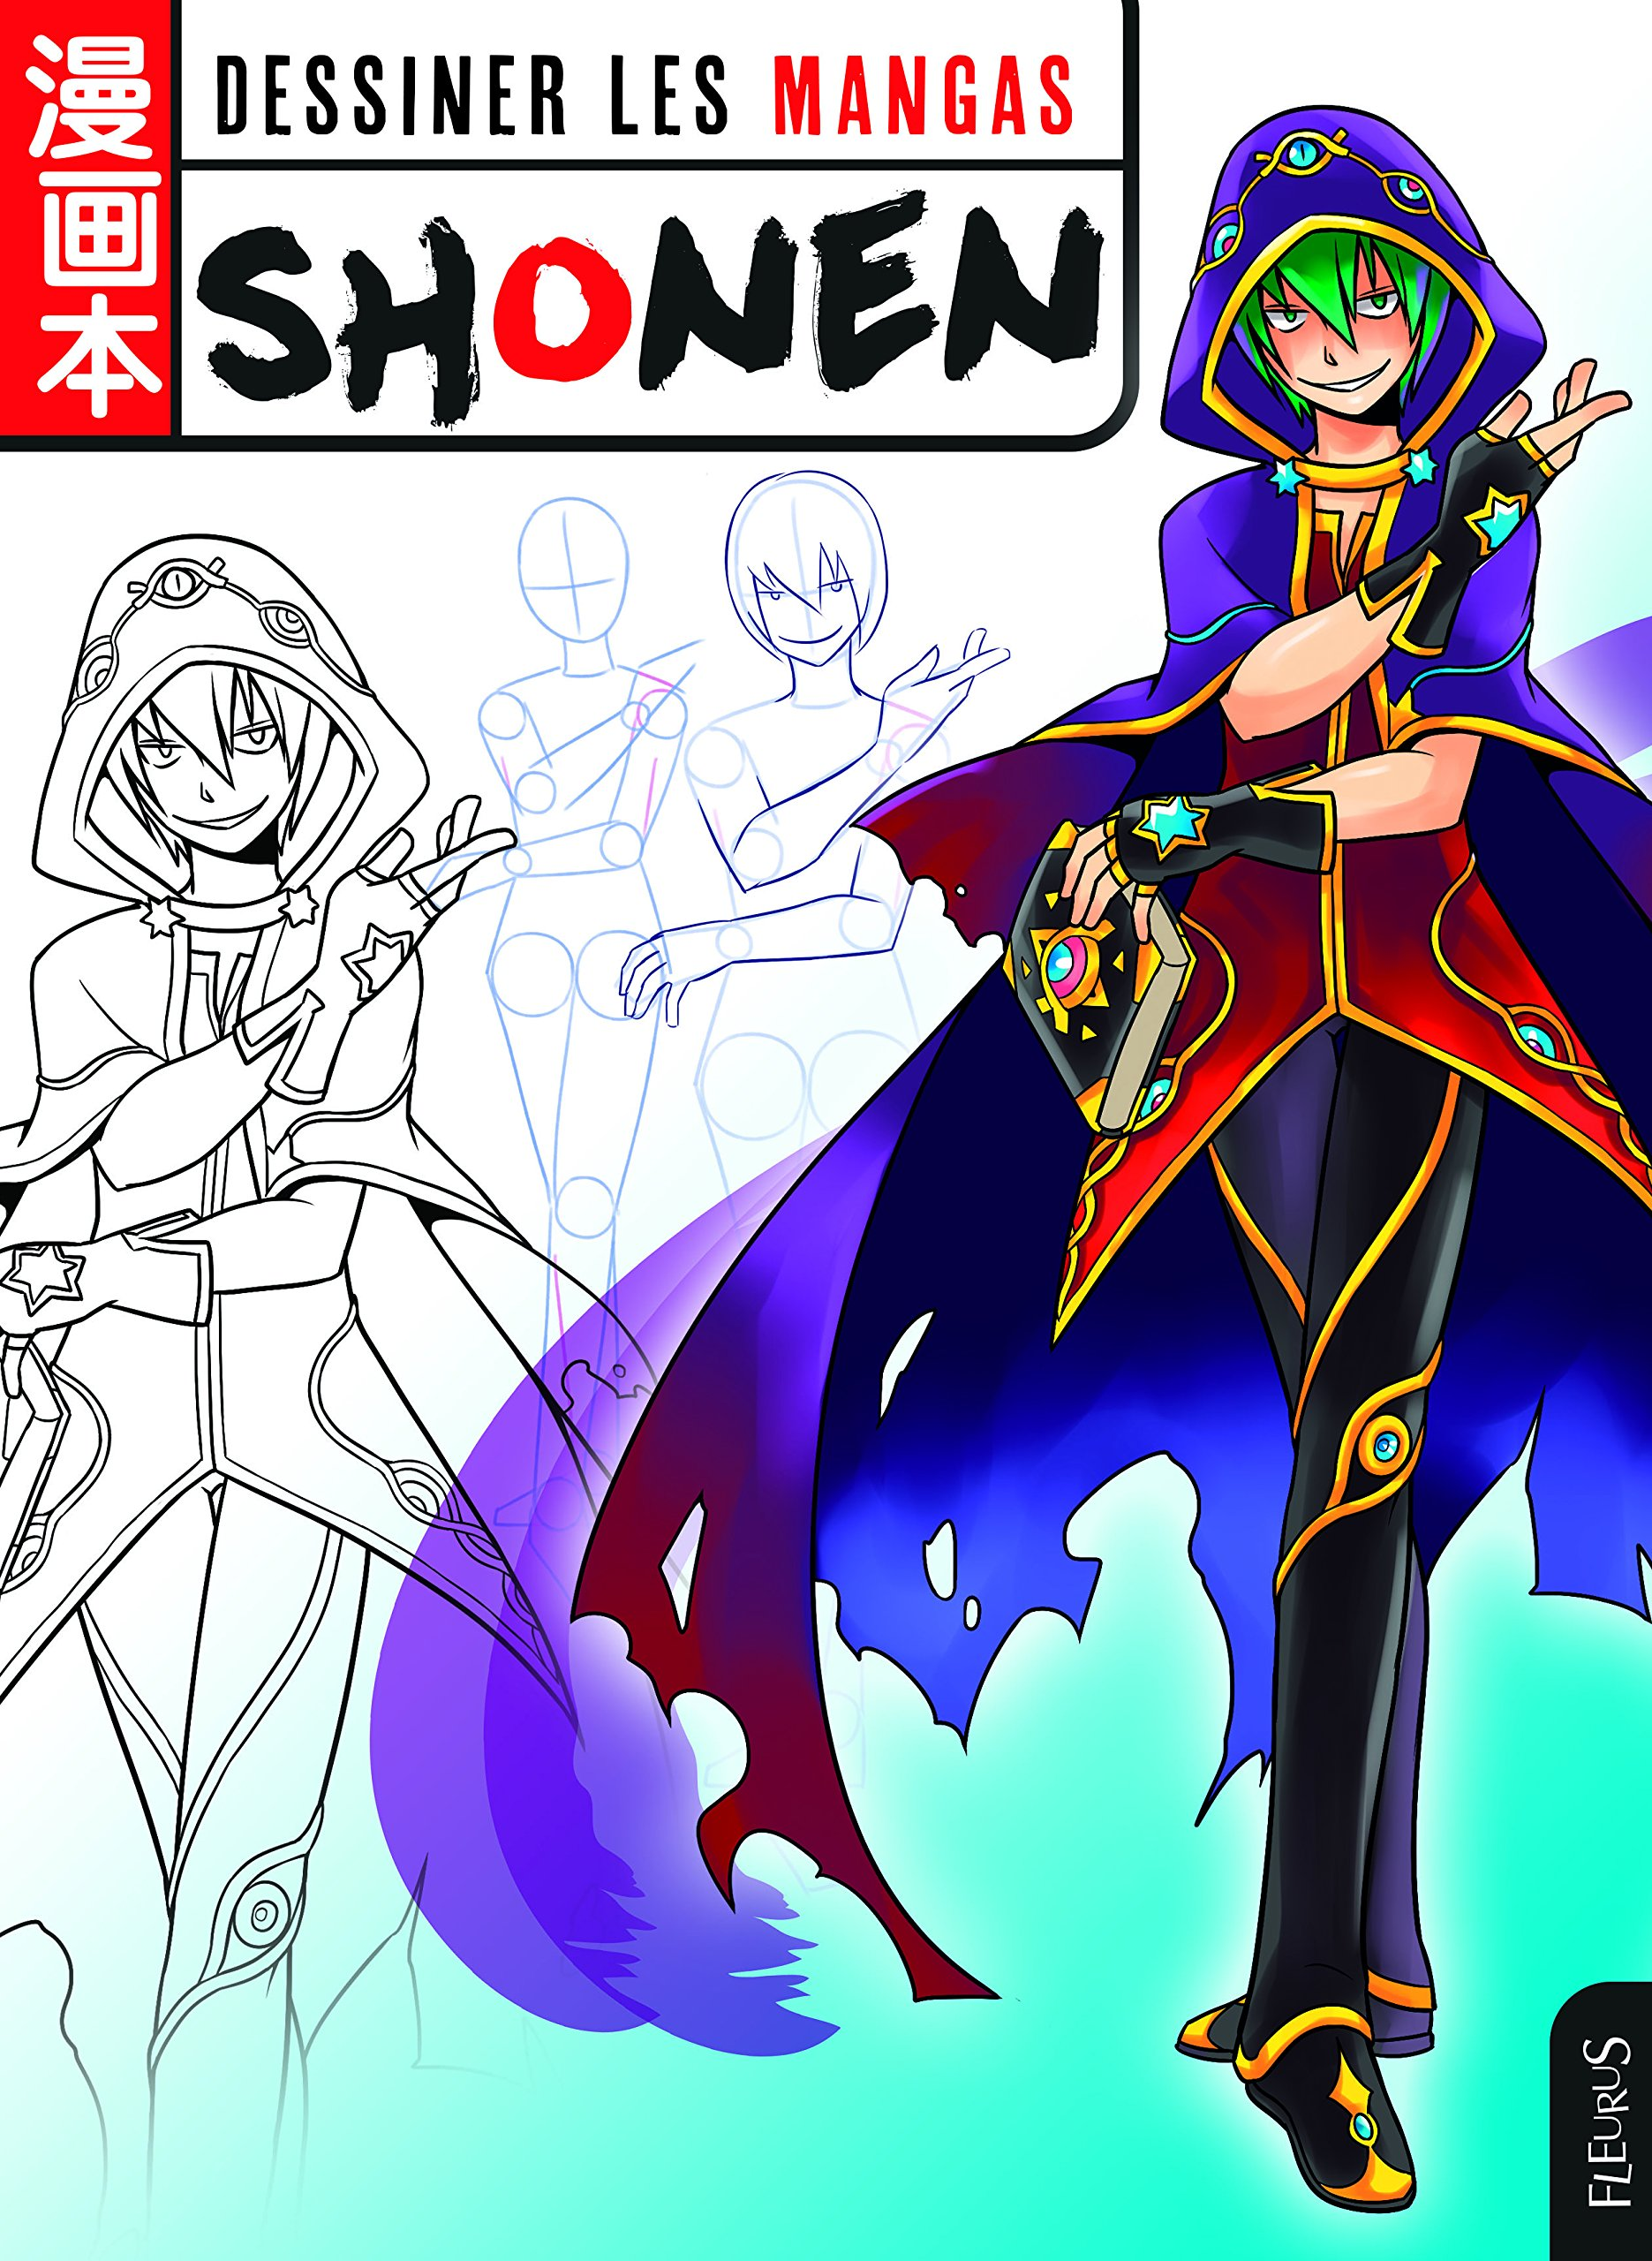 Dessiner les mangas shonen manga manga news - Manga dessiner ...